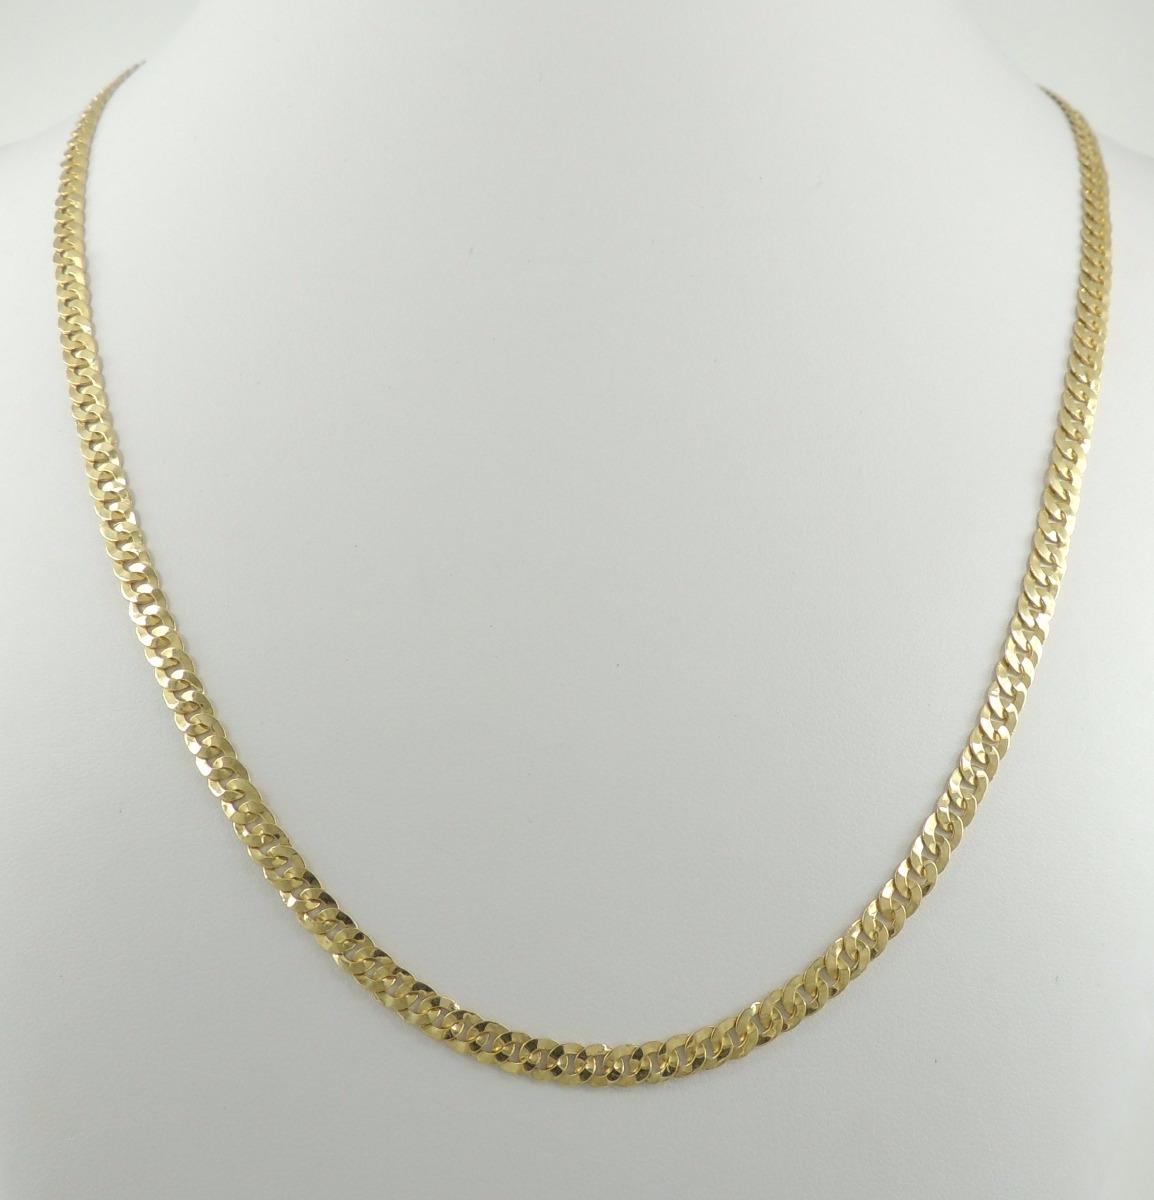 6ba354871af corrente cordão colar em ouro 18k maciço malha grumet 15g. Carregando zoom.